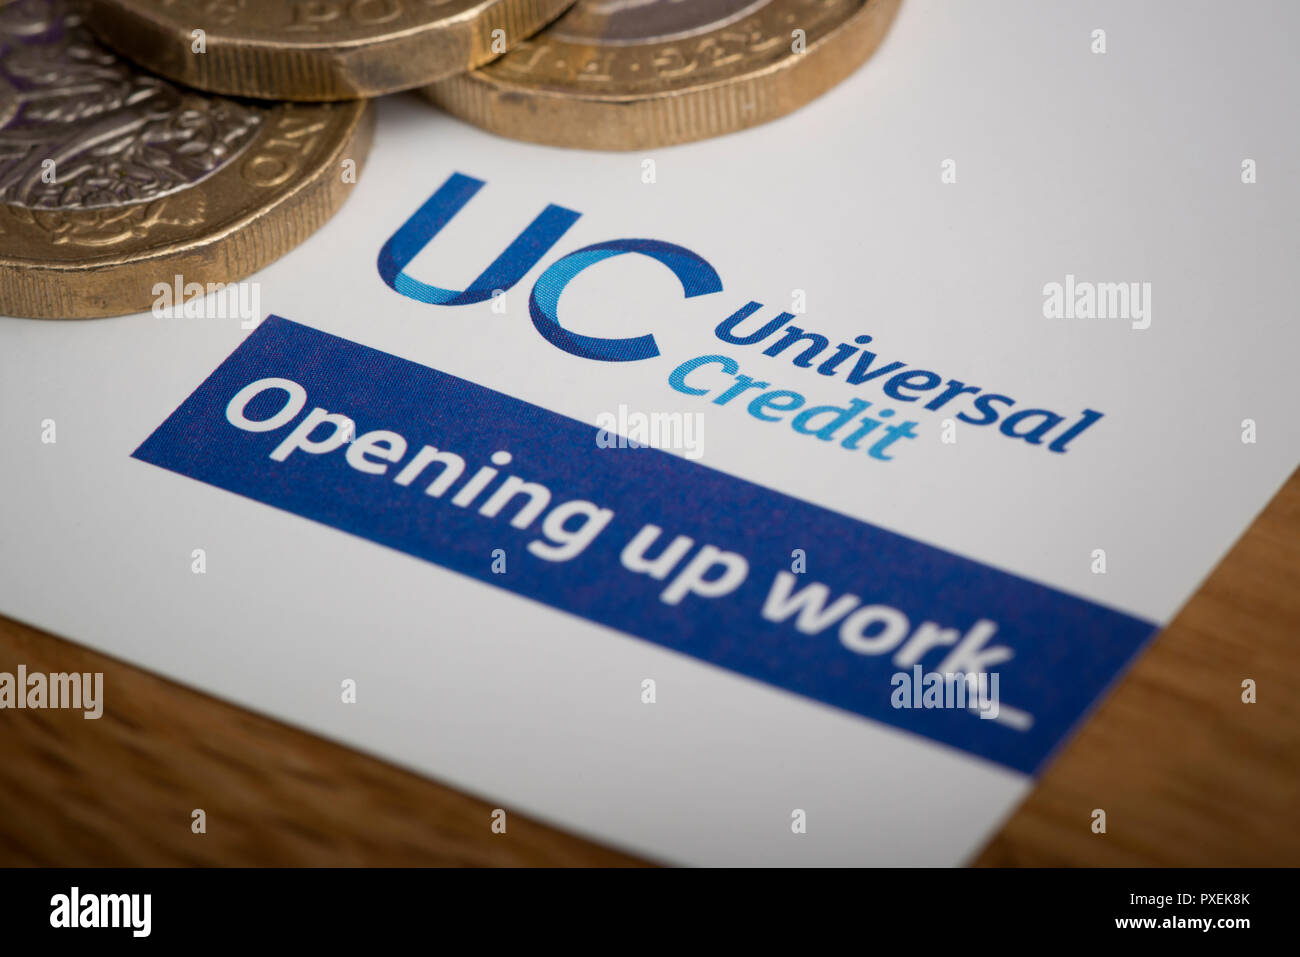 Ein Stück Papier mit dem Universal Credit logo, beruht auf einer Tabelle zusammen mit einigen £ 1 Münzen. Stockfoto